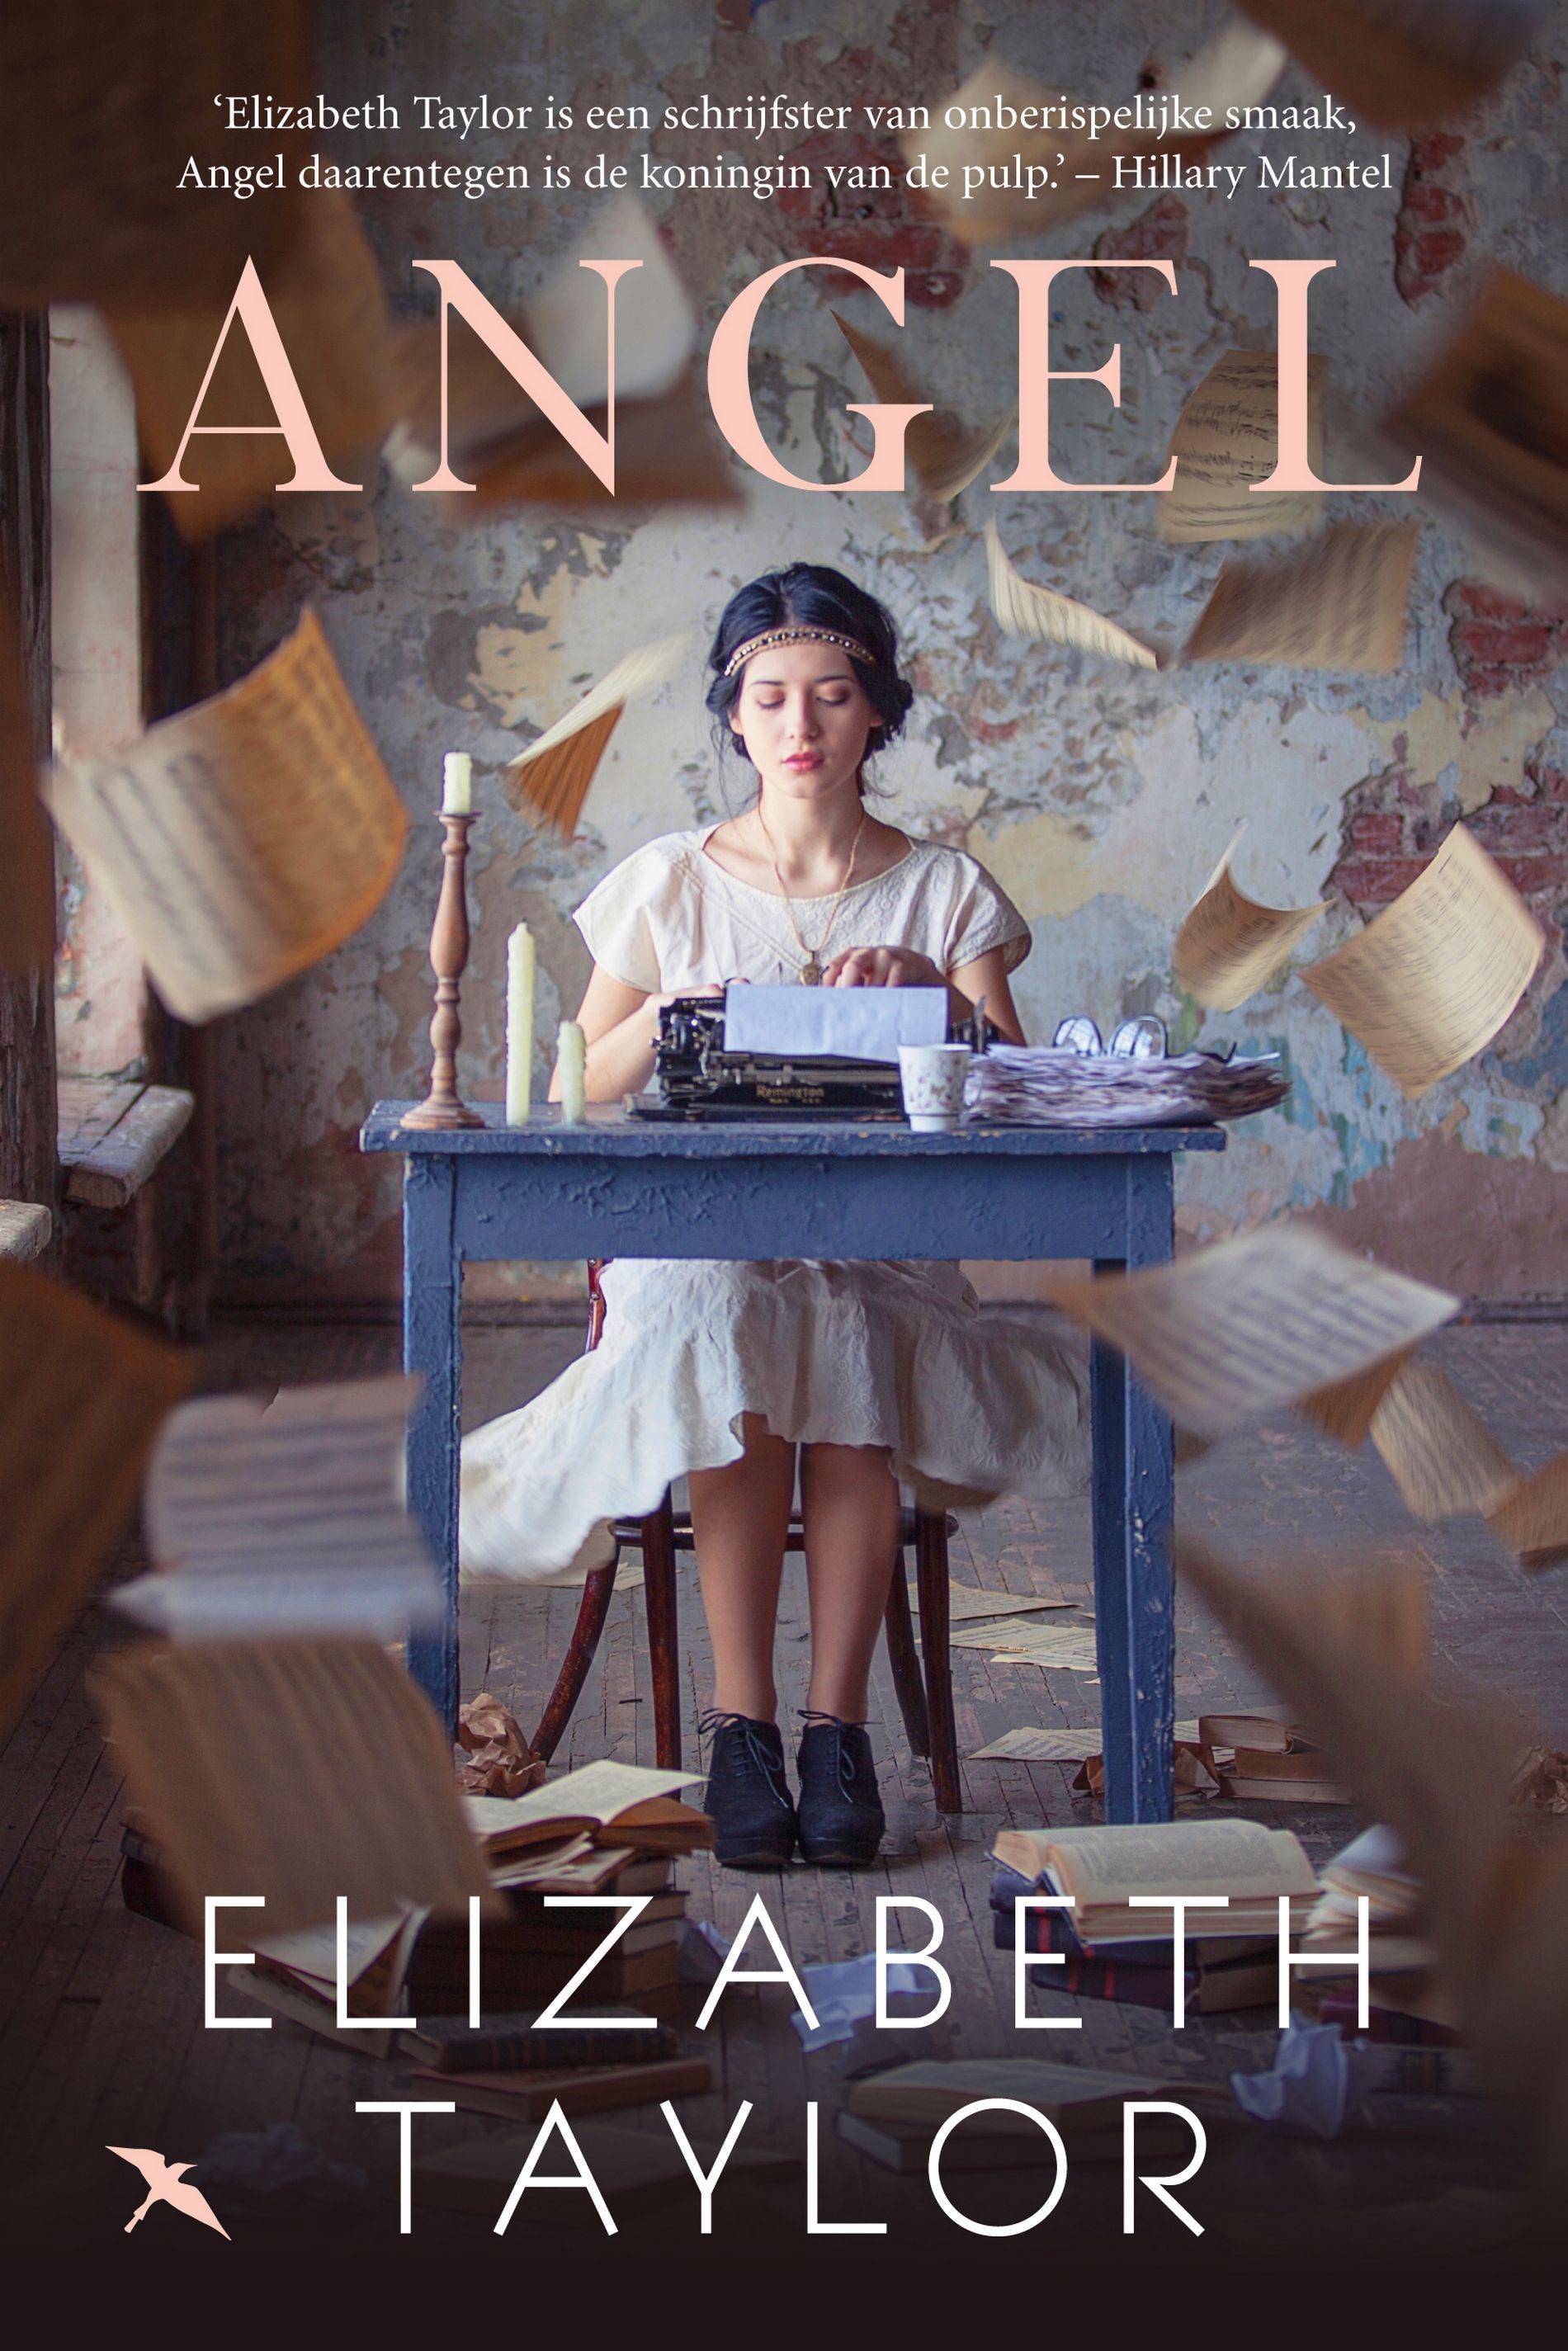 De excentrieke Angel in het gelijknamige boek van Elizabeth Taylor besluit dat ze schrijfster wil worden, met alle gevolgen van dien.